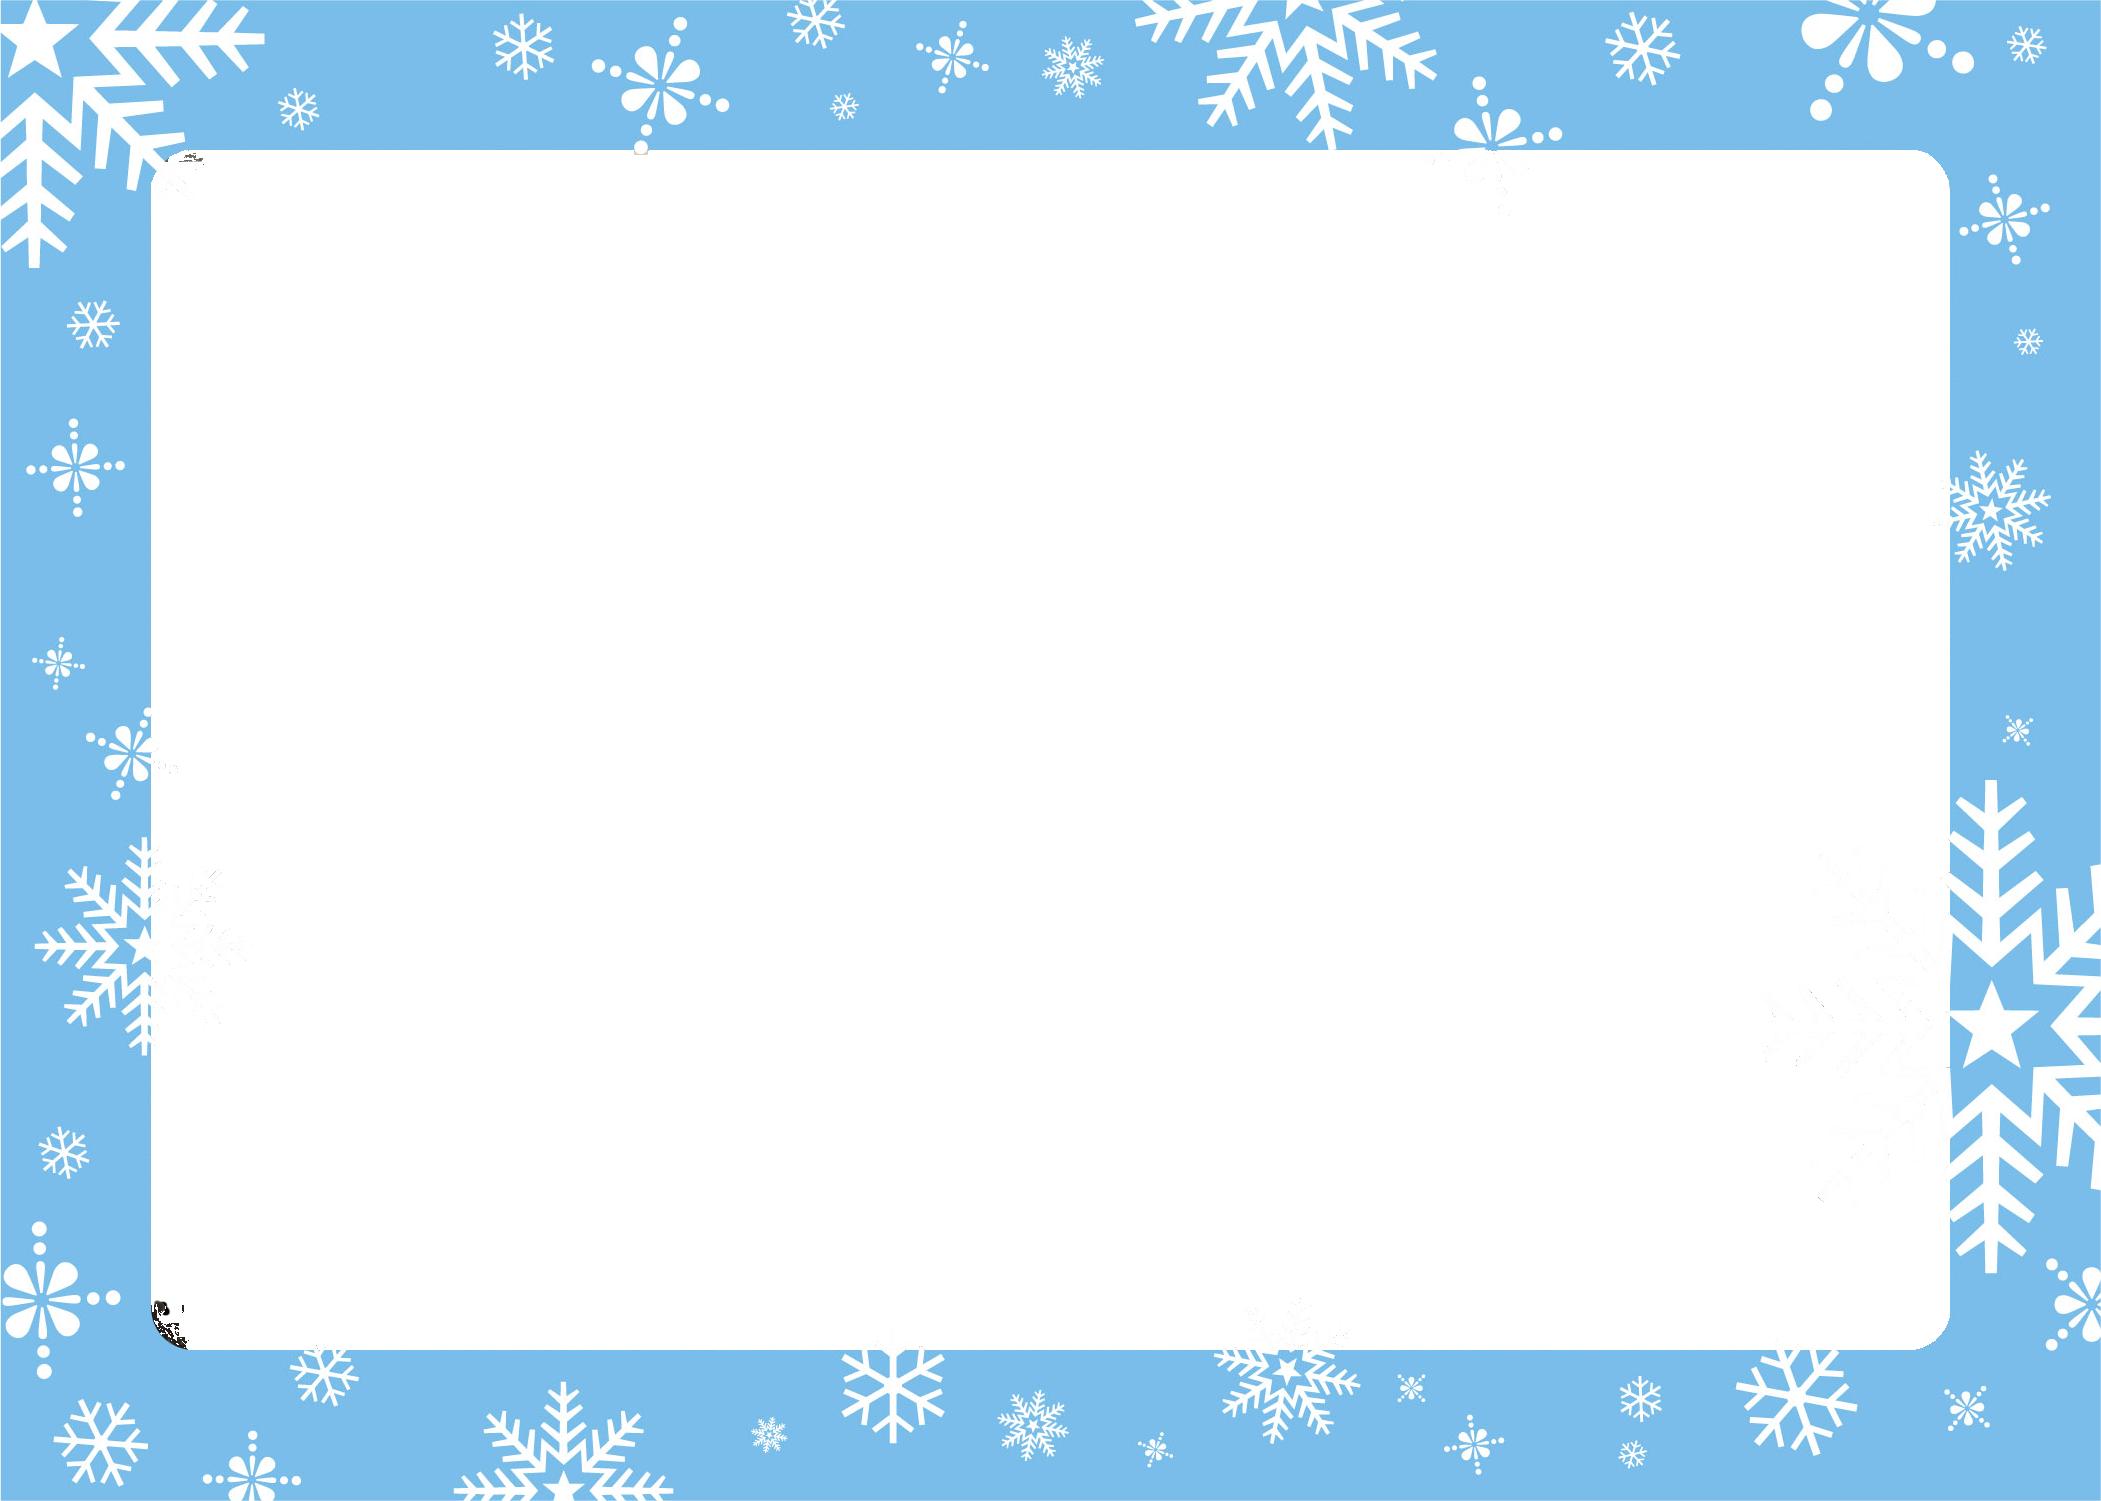 Simple Christmas Card Border